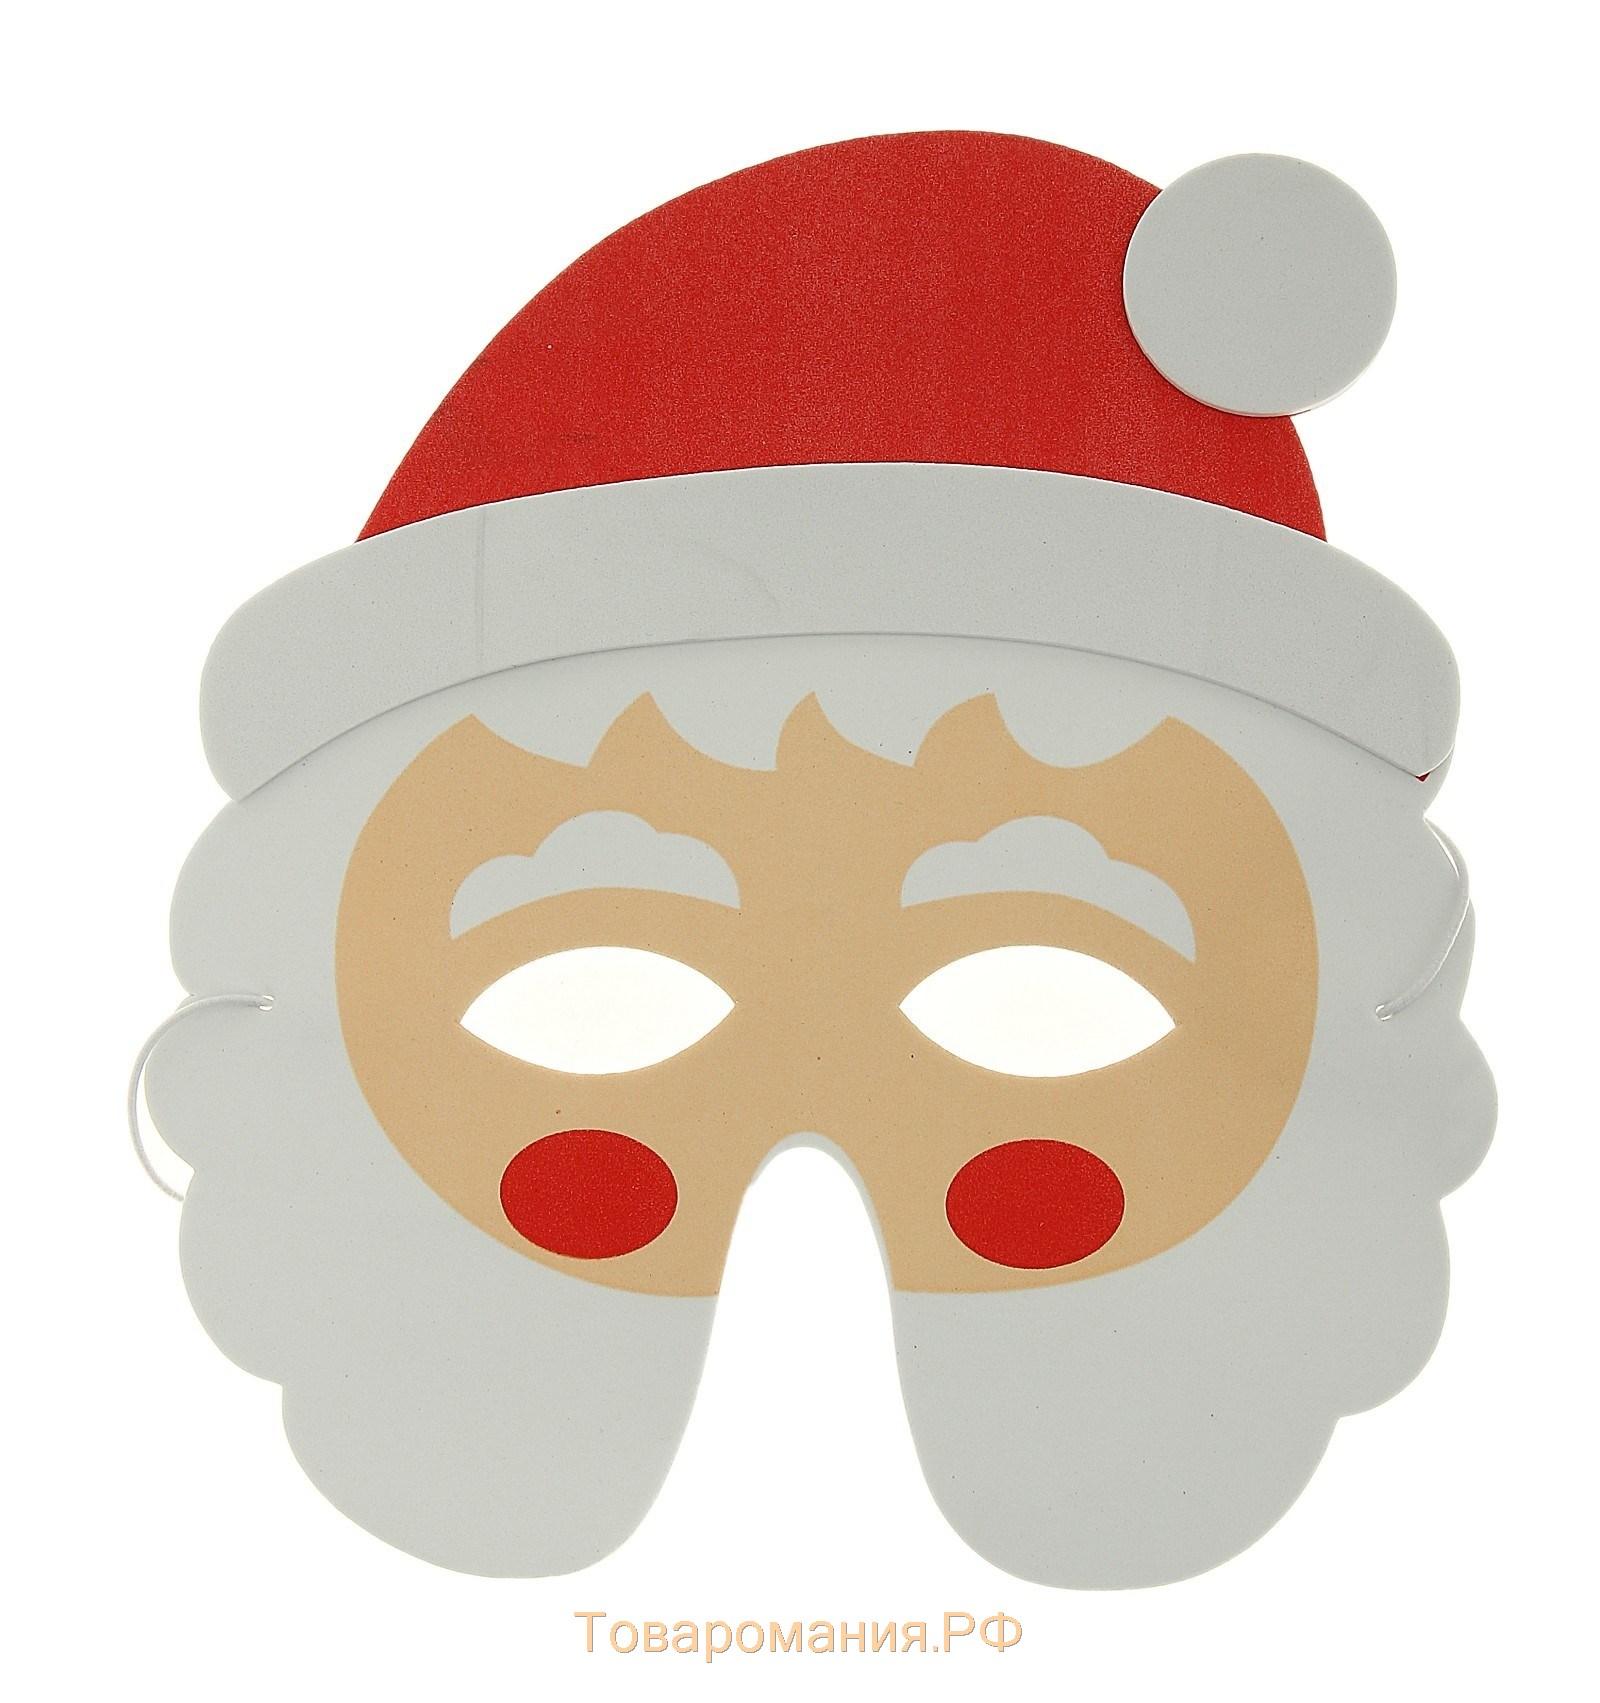 Как сделать своими руками маску из бумаги новогоднюю